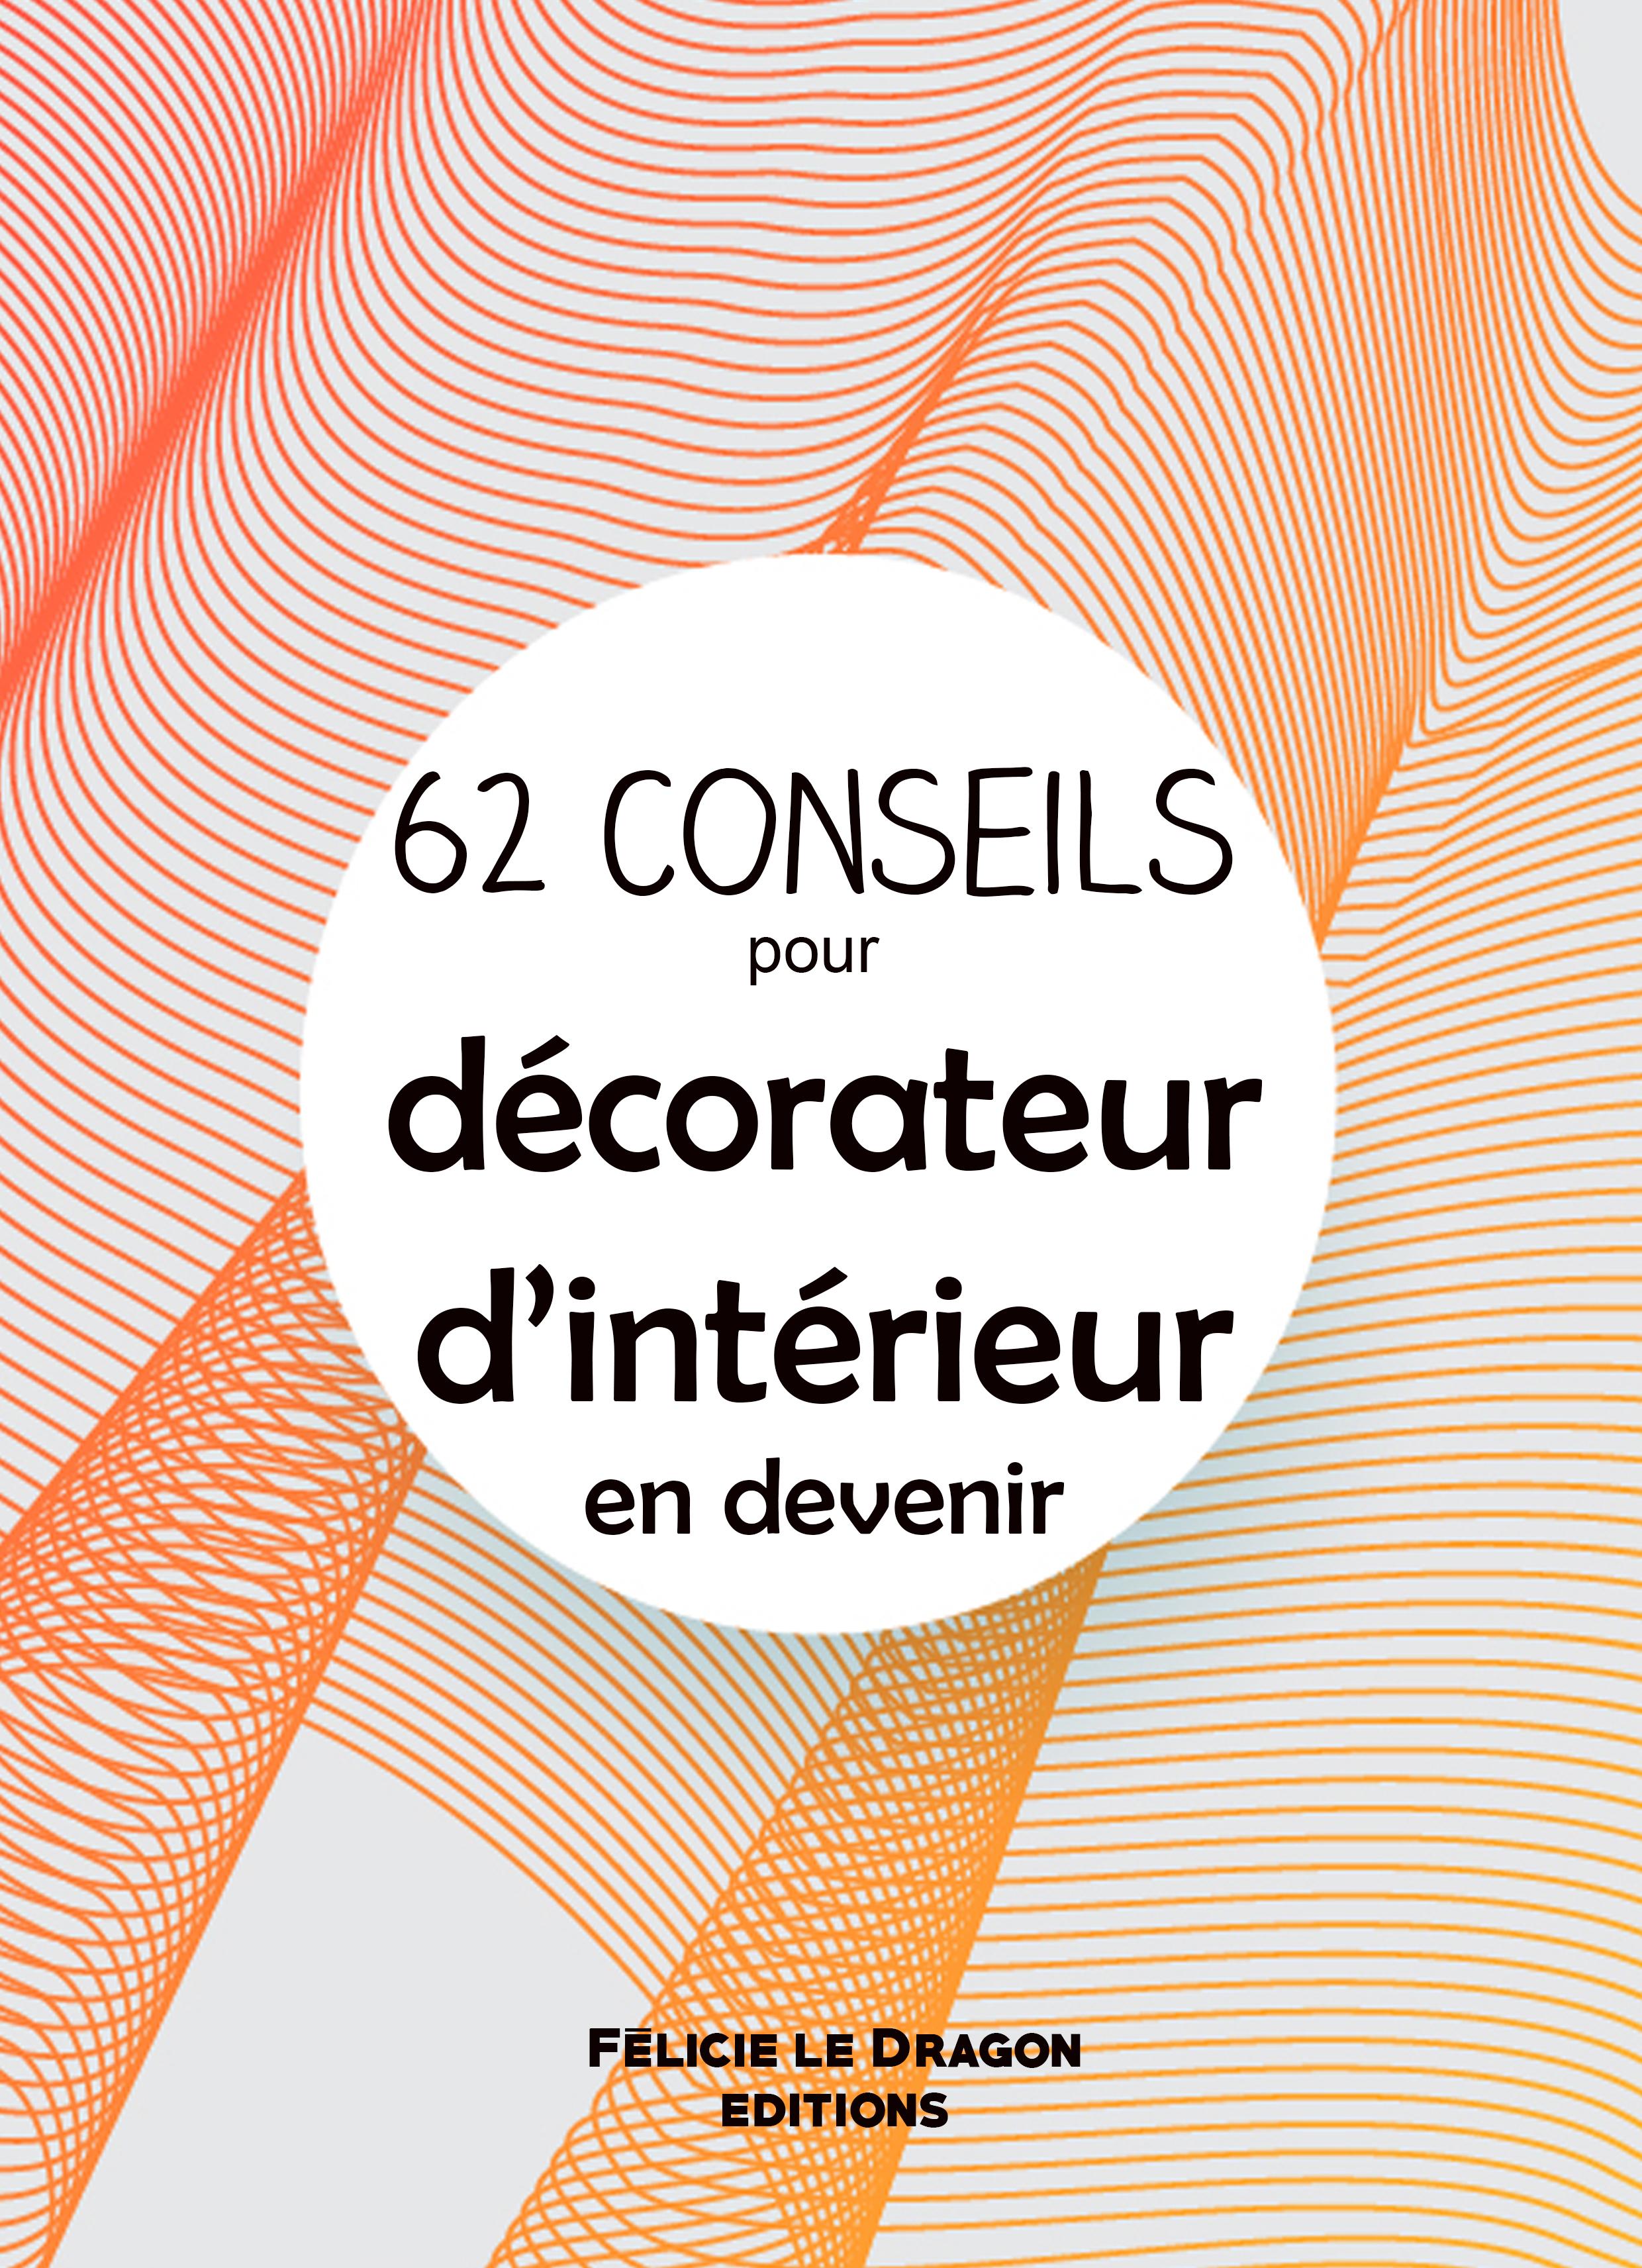 2020_-_62_conseils_pour_décorateur_d'in